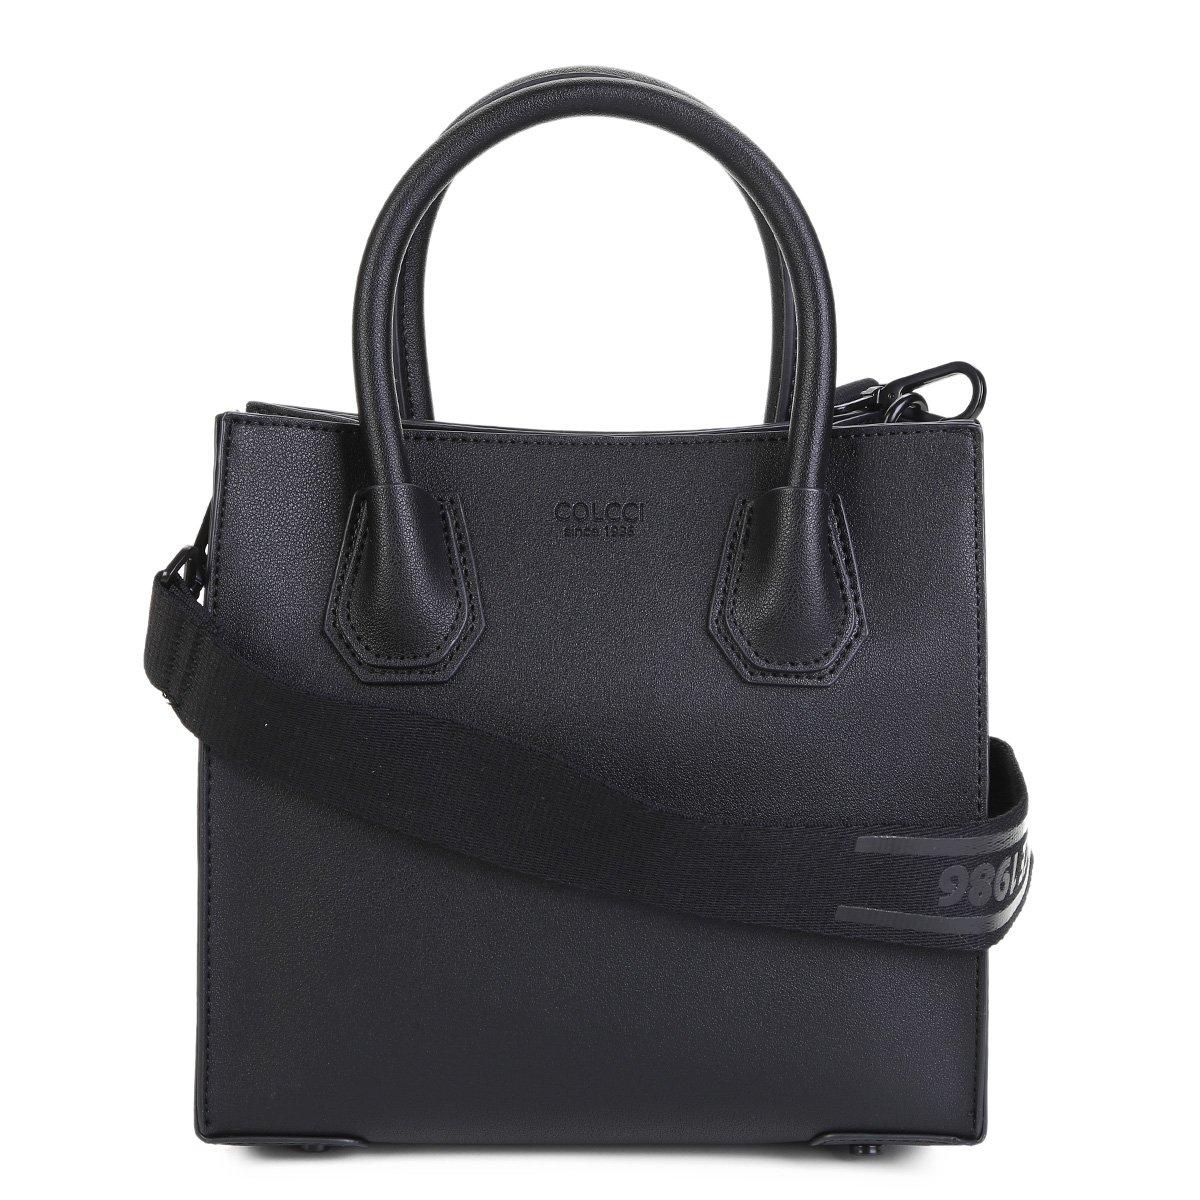 4c5569b3f Bolsa Colcci Handbag Alça Gorgurão Feminina